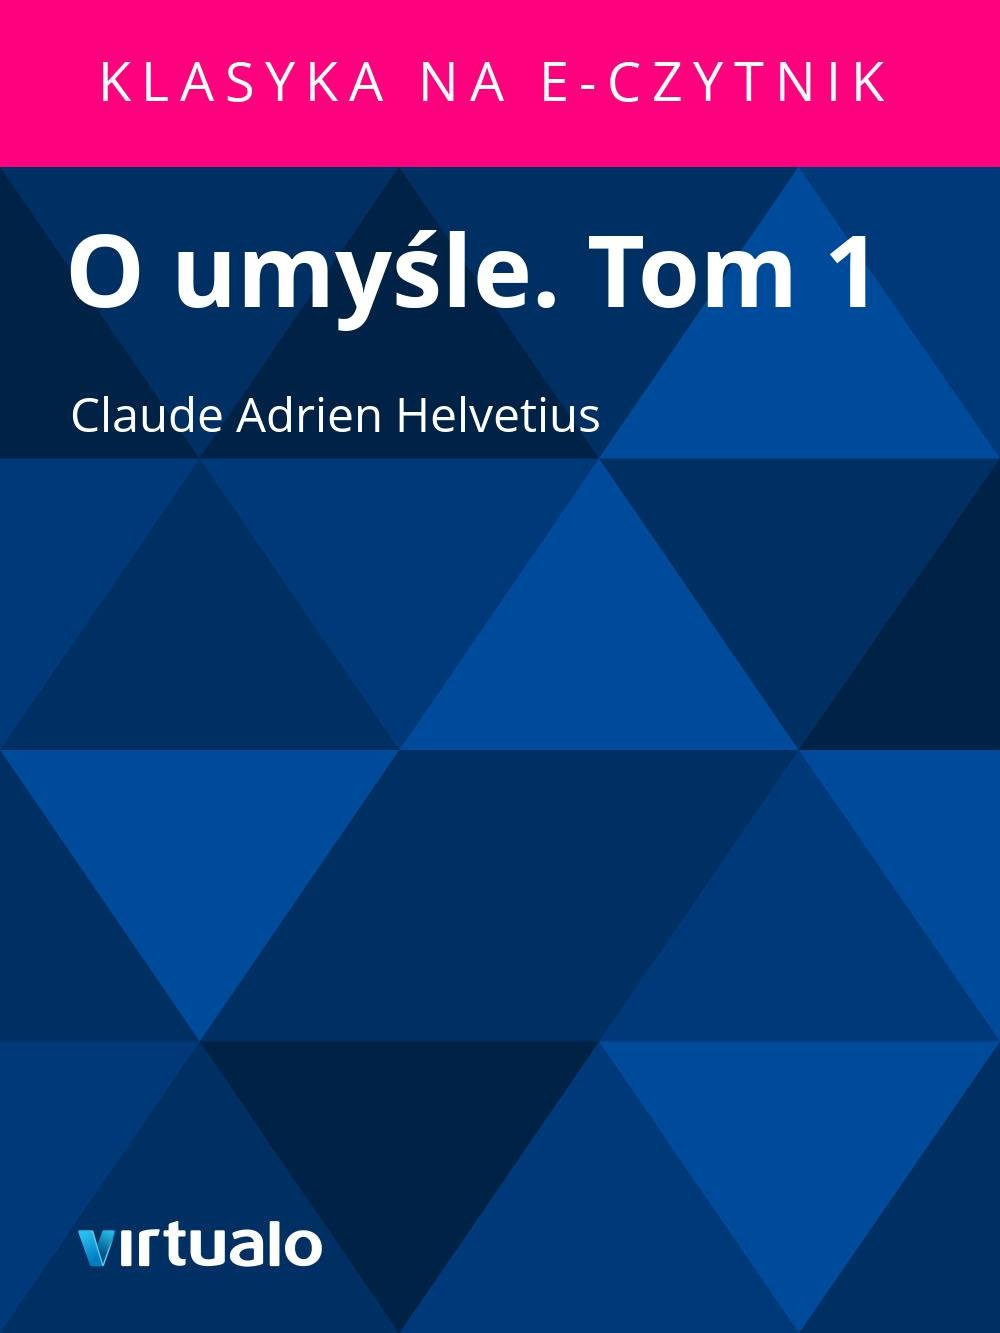 O umyśle. Tom 1 - Ebook (Książka EPUB) do pobrania w formacie EPUB